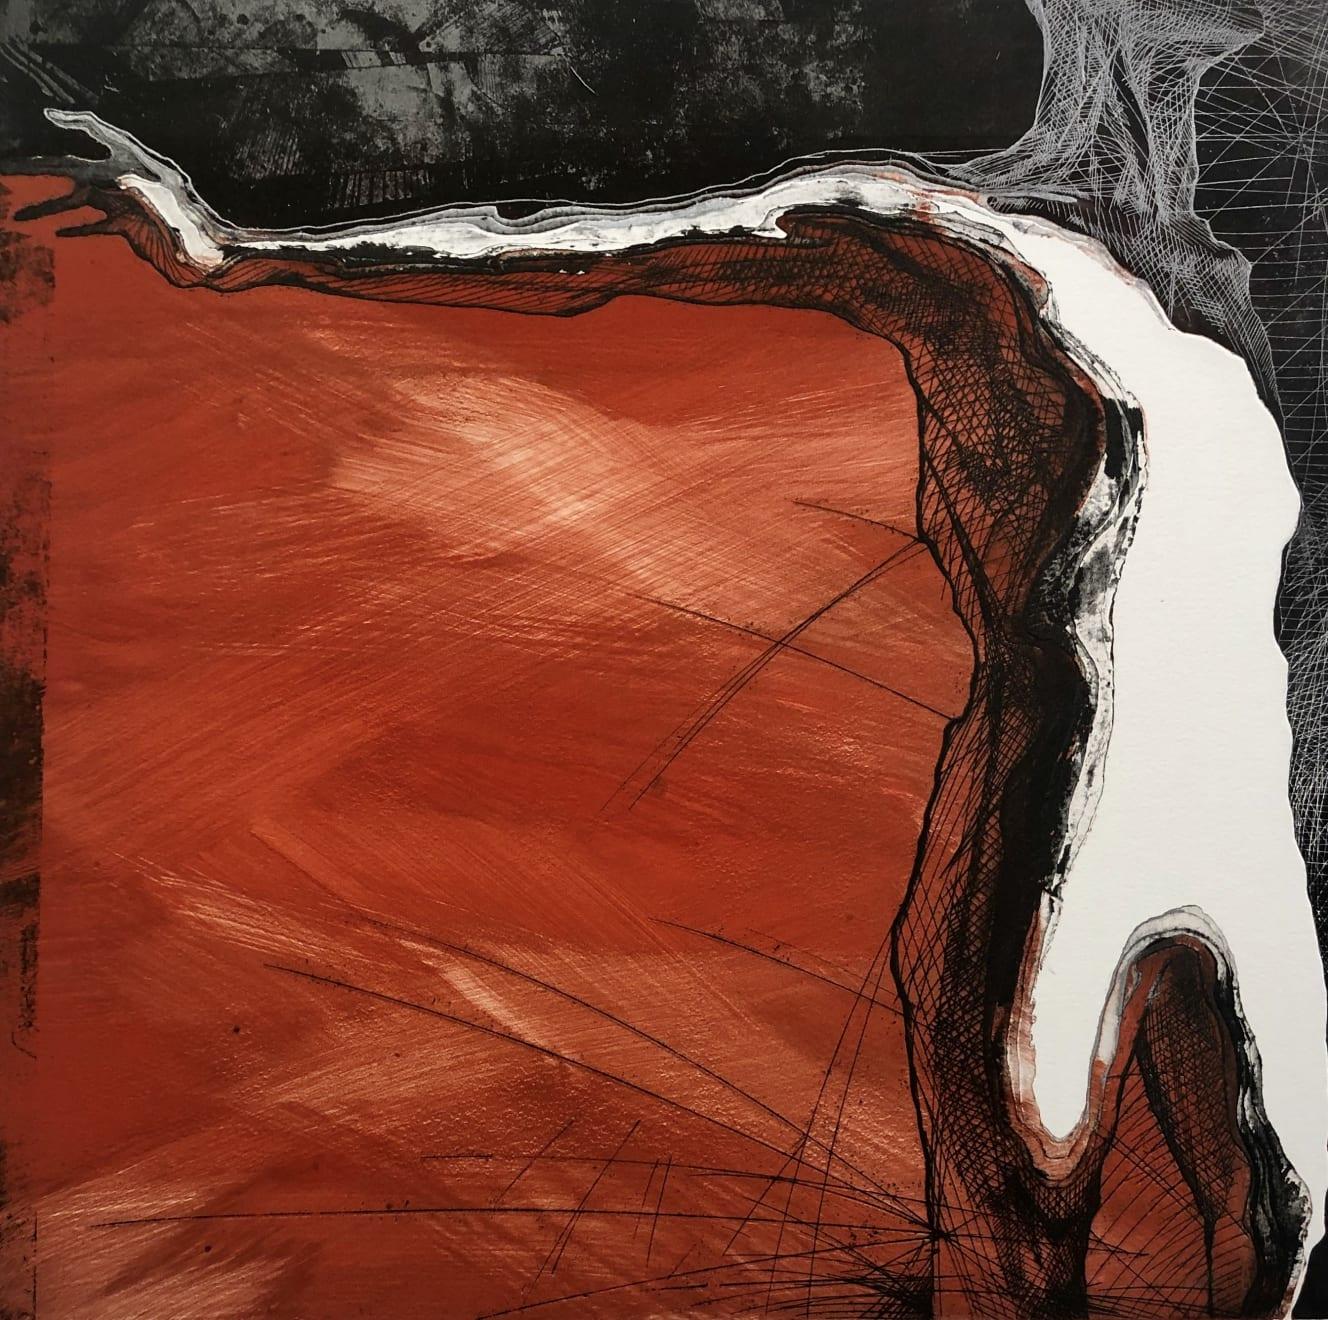 Veta Gorner, Big Tectonic Plates I, 2011